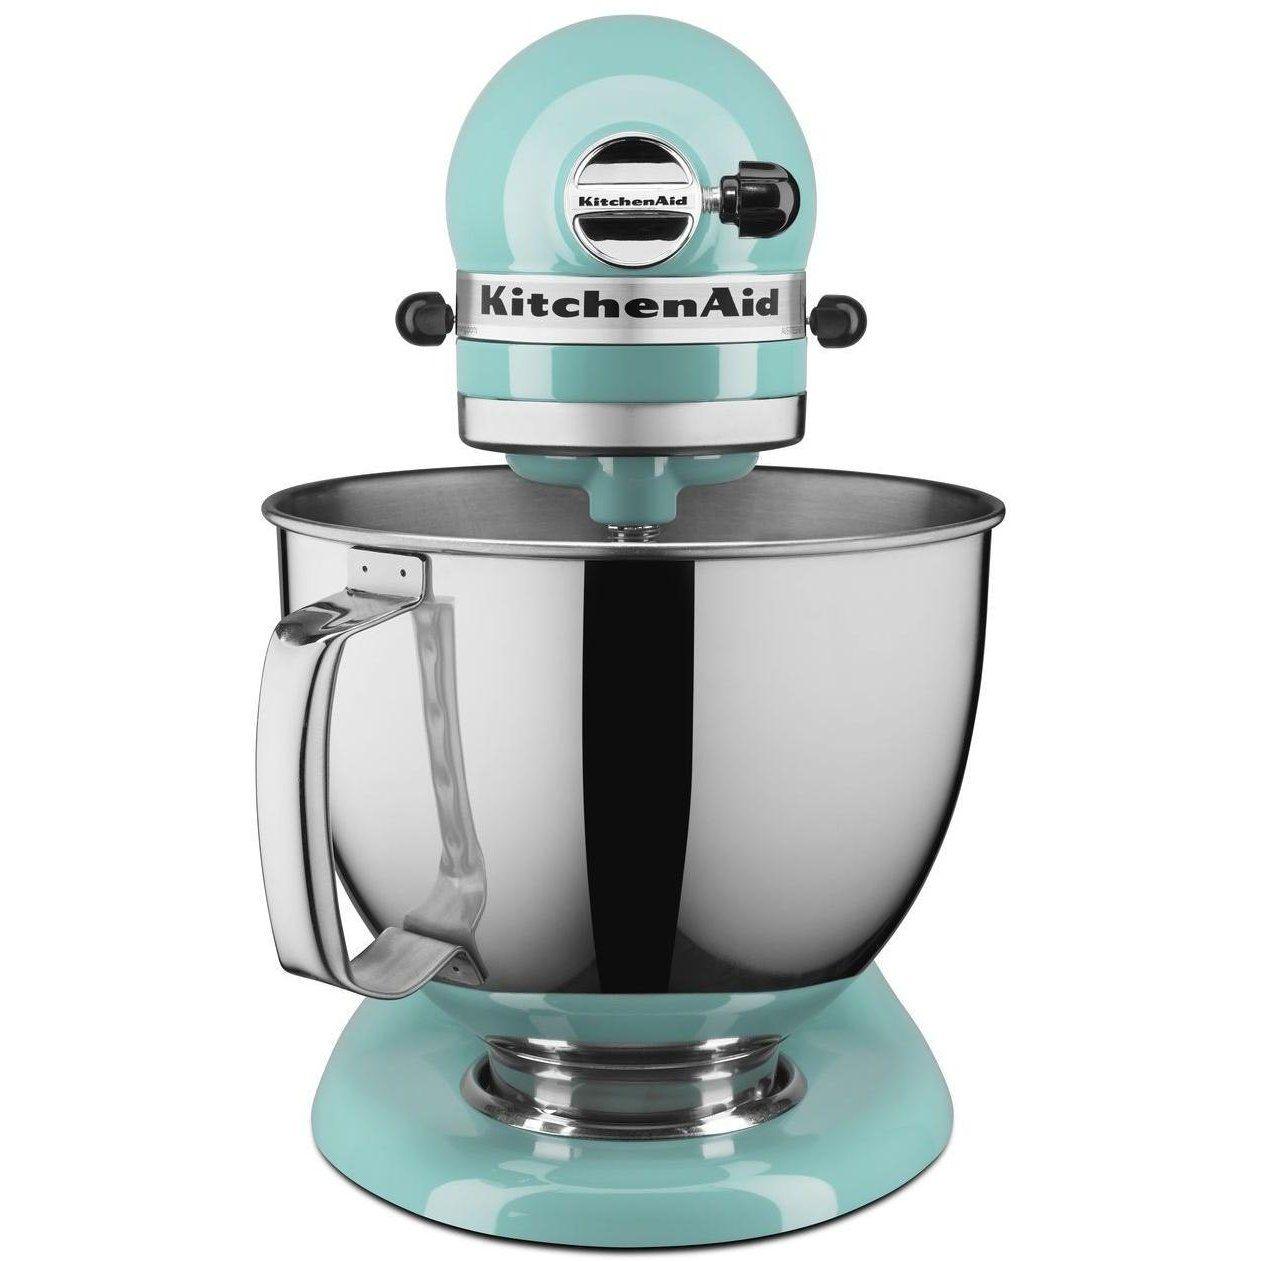 Aqua Sky Kitchenaid Artisan Mixer In 2020 Kitchenaid Artisan